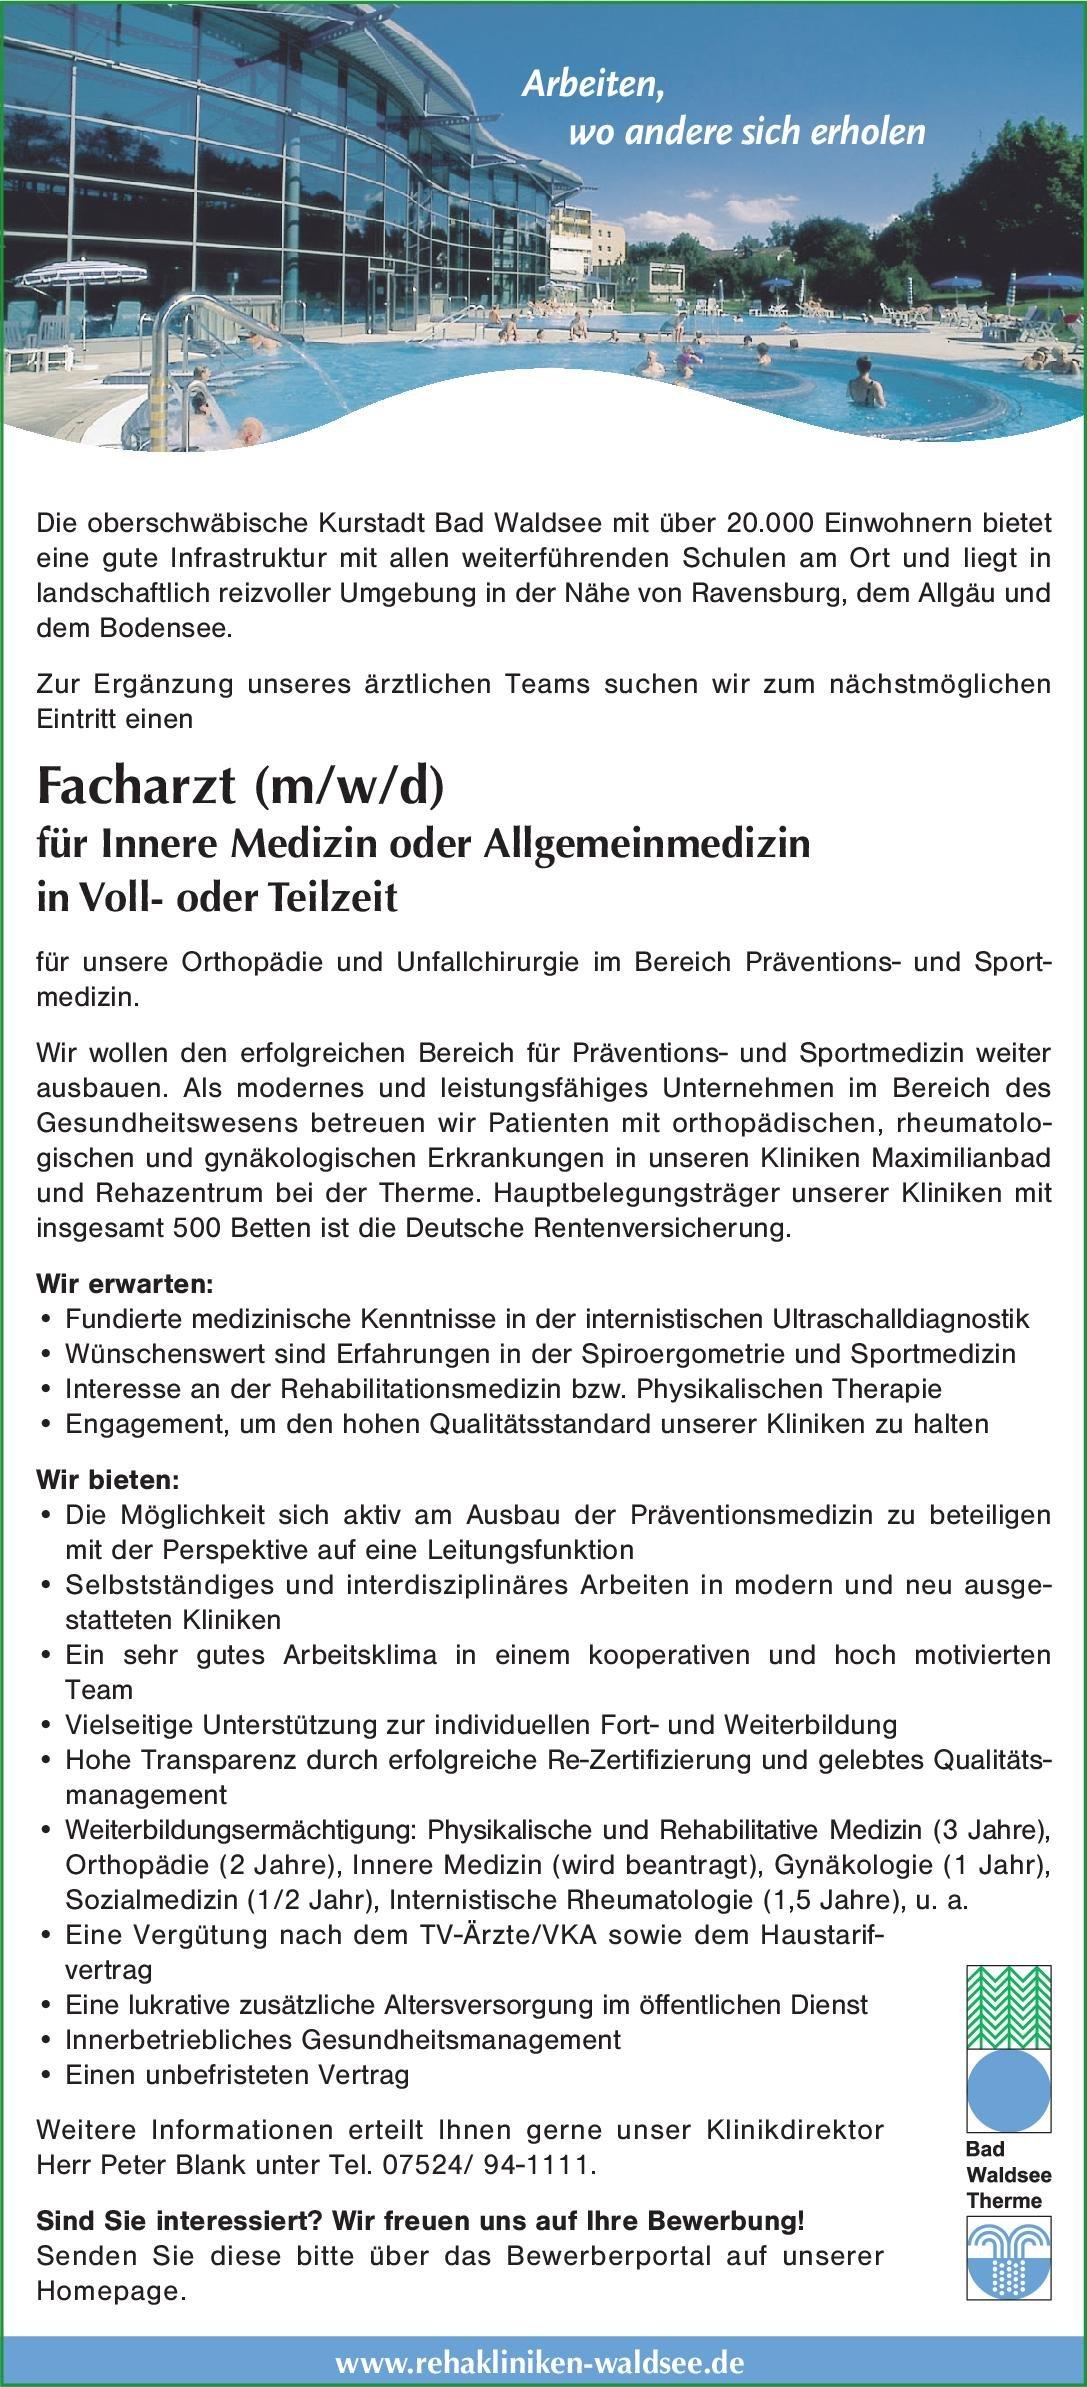 Städtische Rehakliniken Bad Waldsee Facharzt (m/w/d) für Innere Medizin oder Allgemeinmedizin  Innere Medizin, Allgemeinmedizin, Innere Medizin Arzt / Facharzt